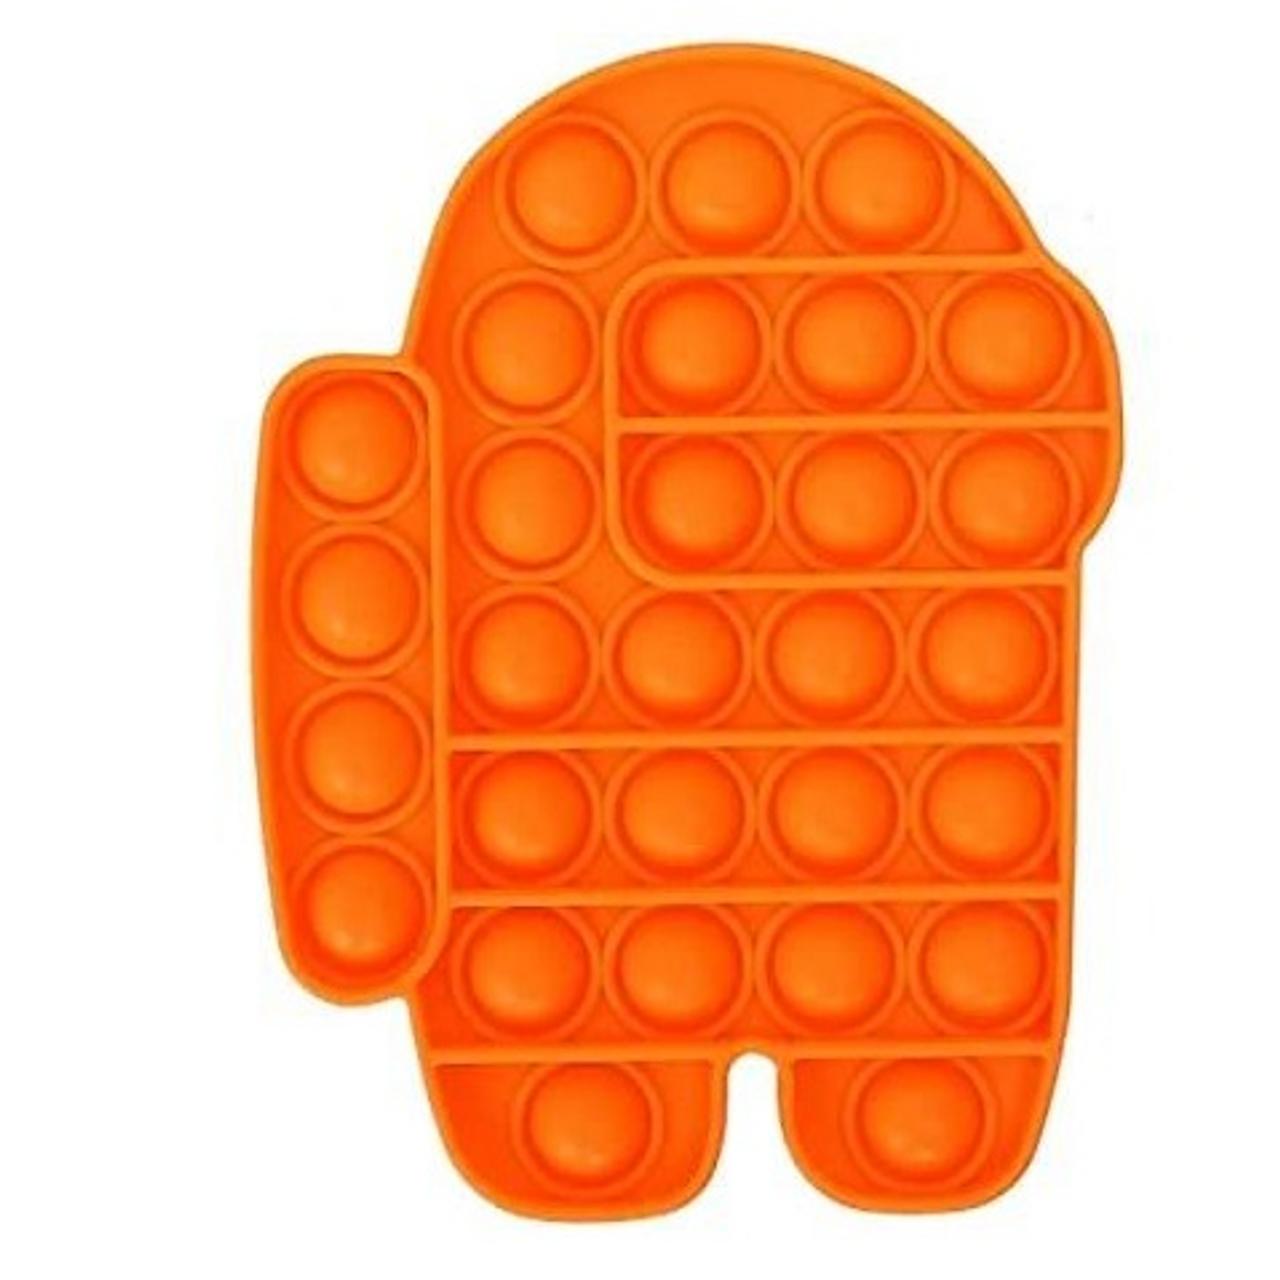 Pop It Fidget Toy AMONG US - ORANGE